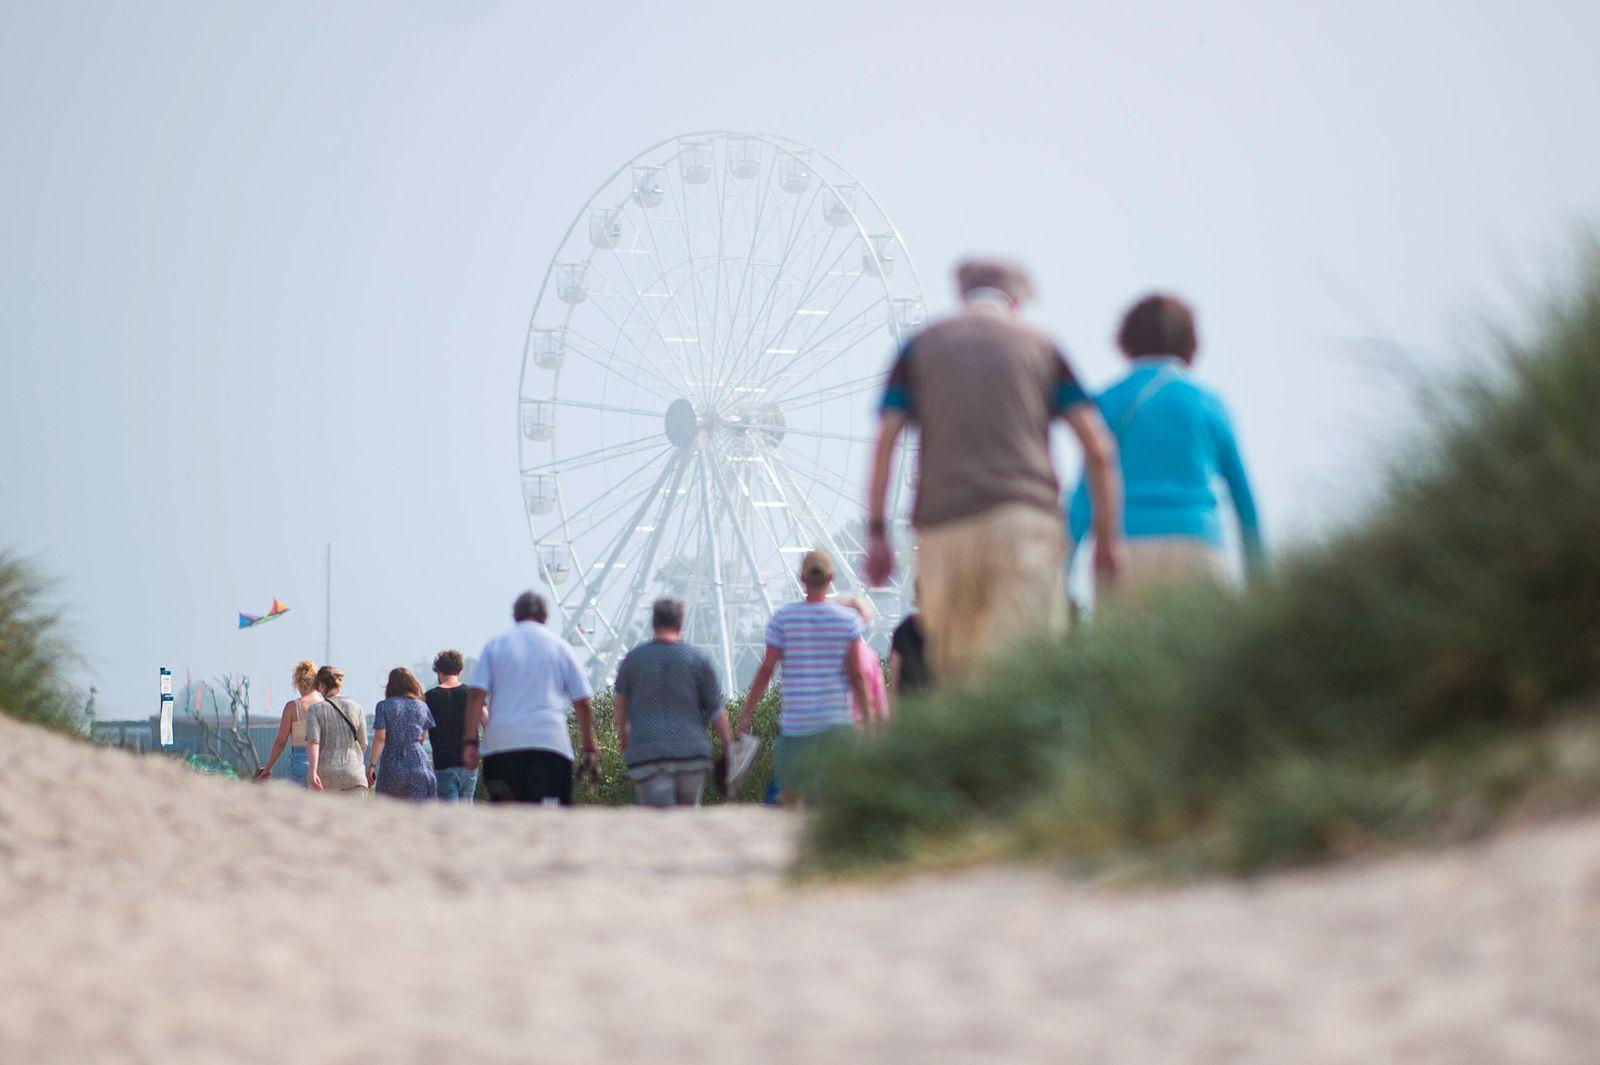 Urlaub in Deutschland Touristen verlassen im Urlaubsort Schillig den Strand und gehen Richtung Promenade, wo ein Riesenr